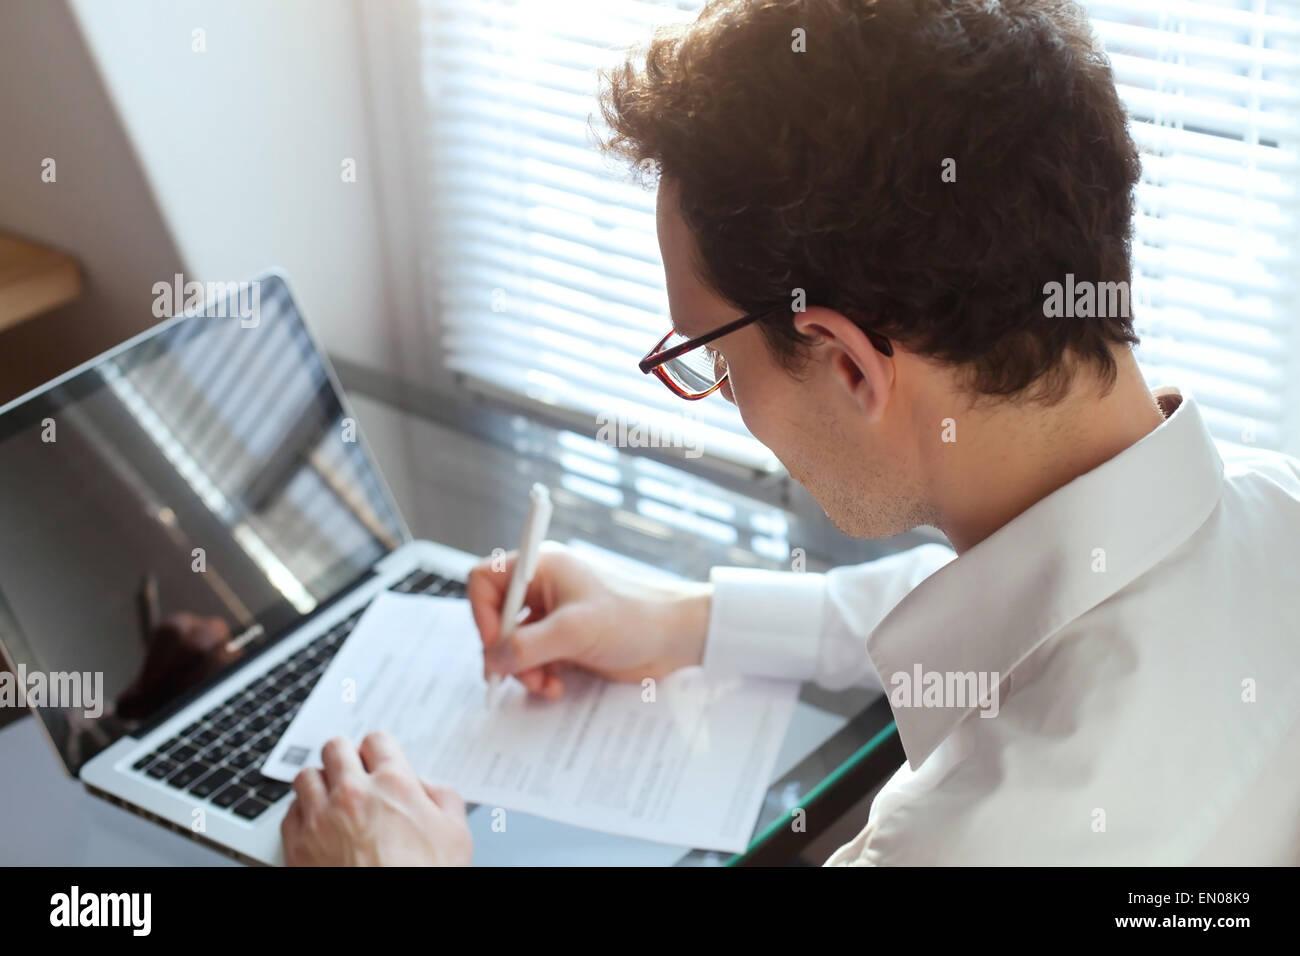 Imprenditore lavora con documenti in ufficio Immagini Stock